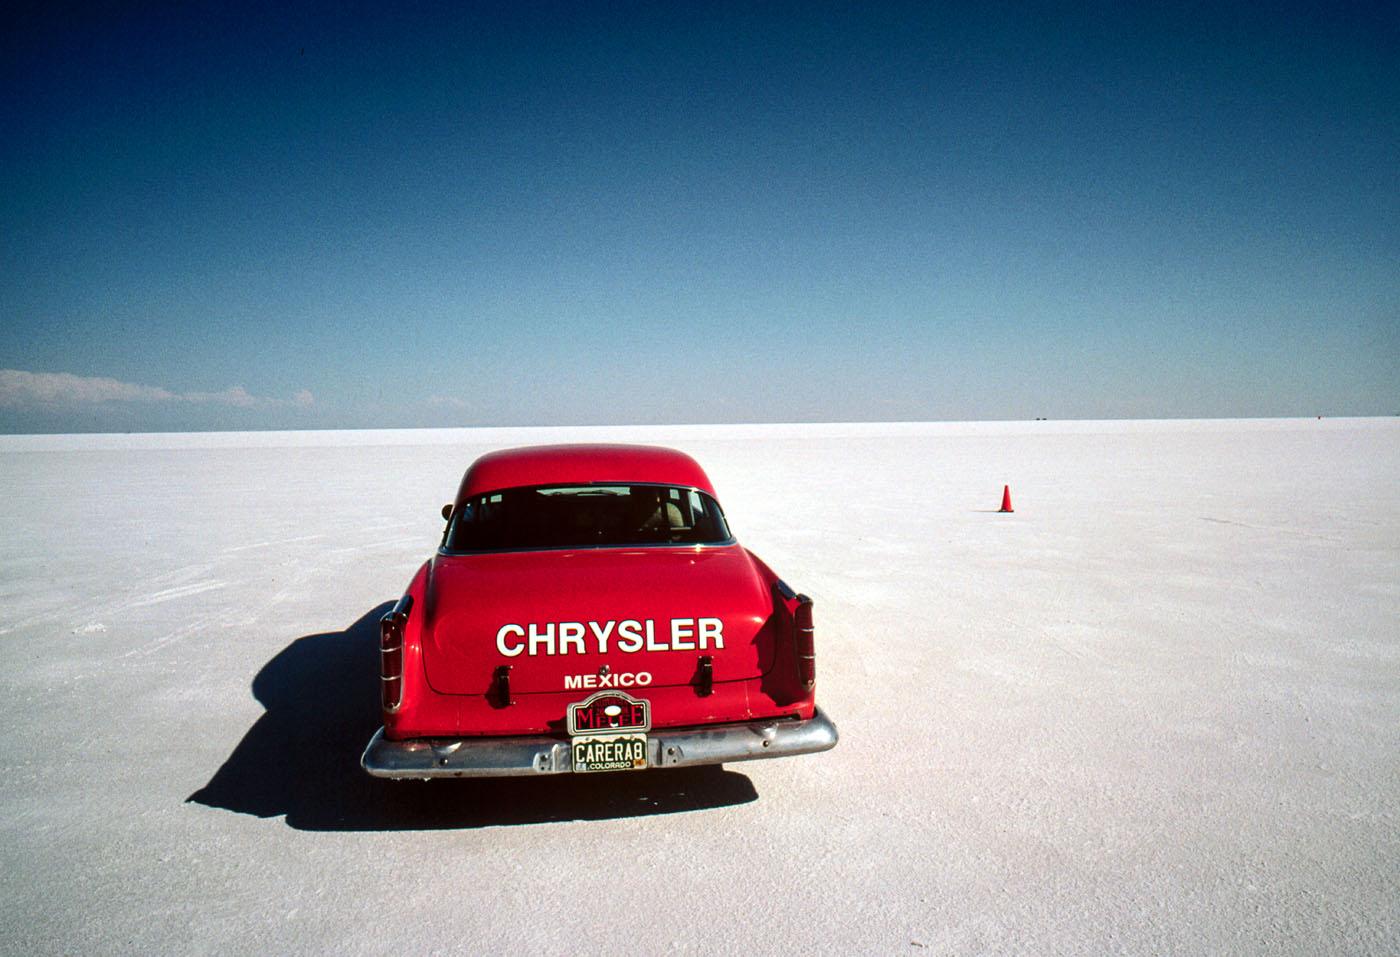 55 Chrysler, Bonneville